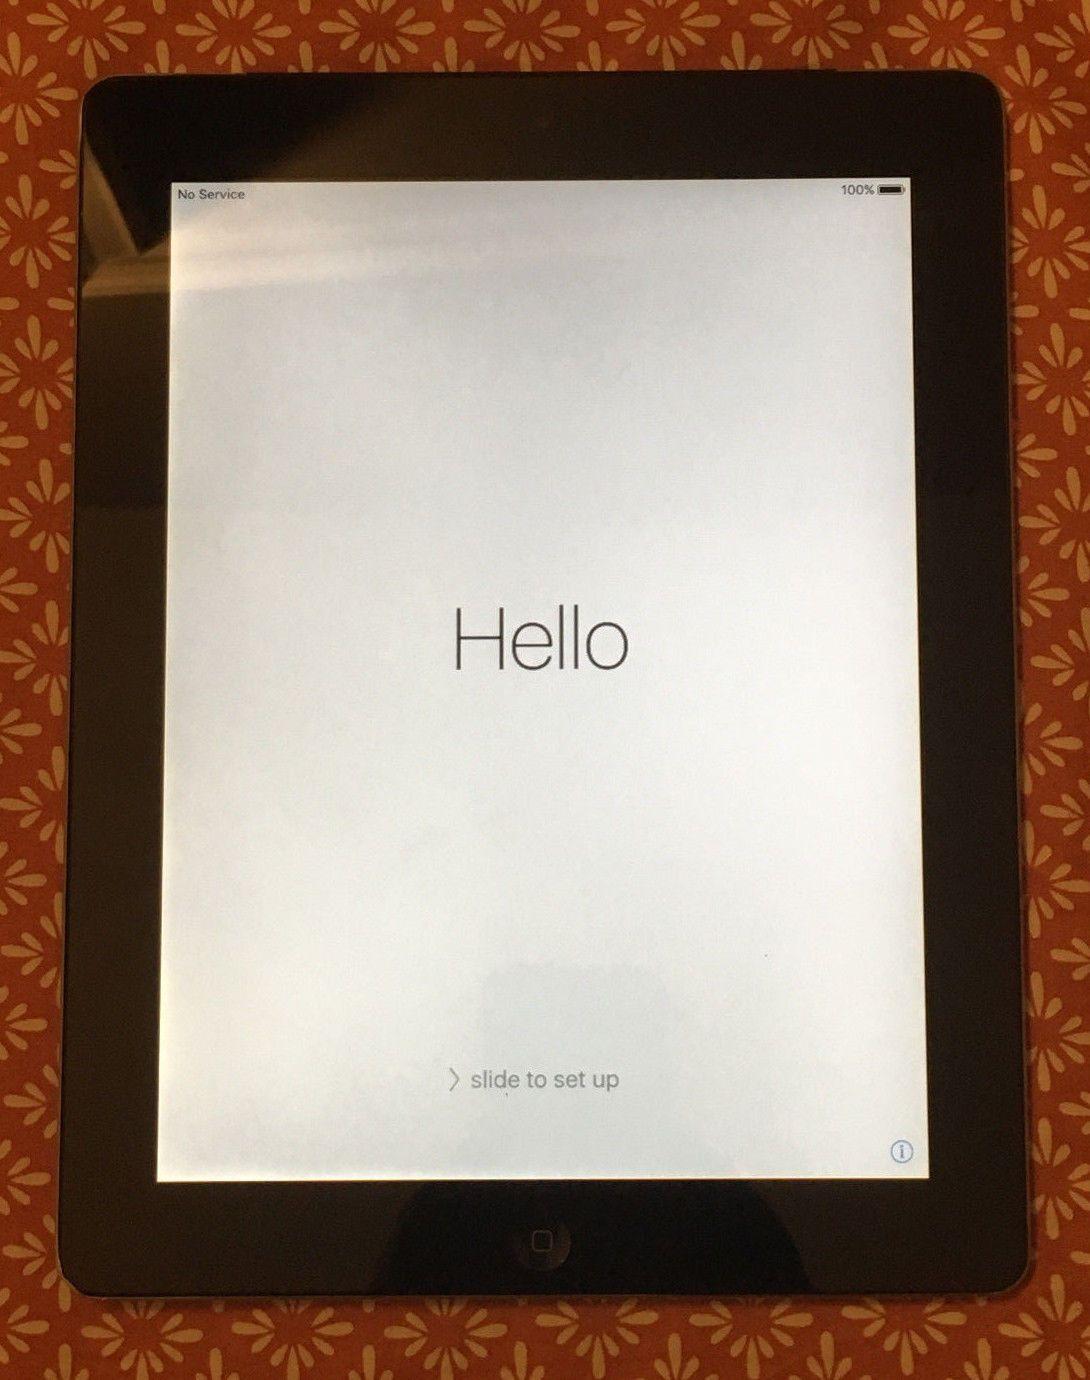 Apple iPad 2 32GB Wi-Fi  3G Verizon 9.7in - Black https://t.co/3Ehnrr93lk https://t.co/1BMMyekrL8